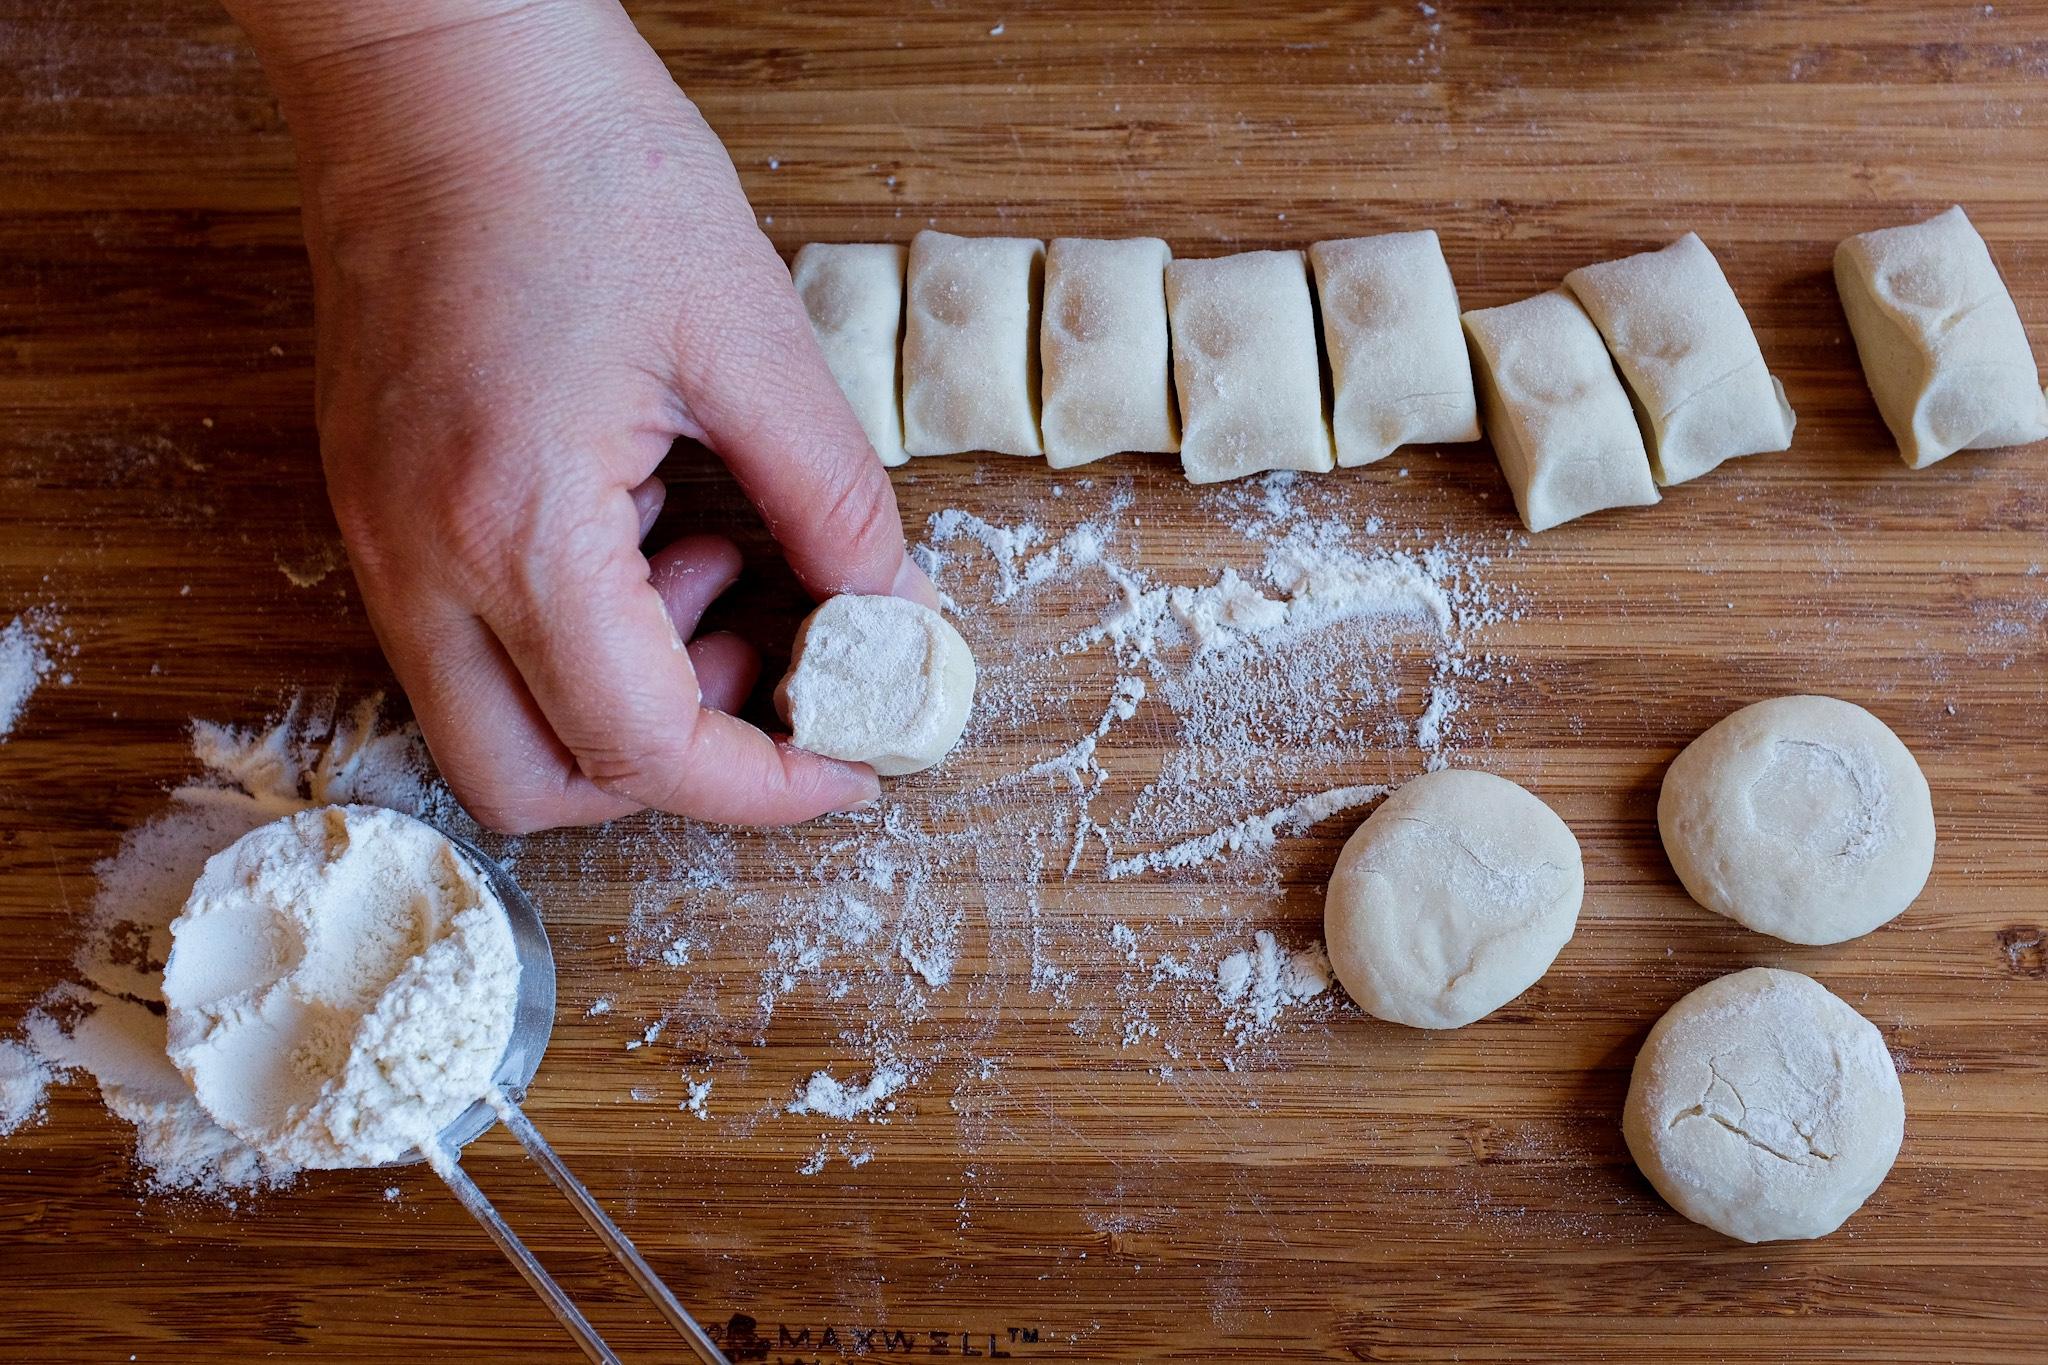 Fai dell'impasto una forma a tronco, con un coltello dividilo in piccoli pezzi (circa 15g l'uno).